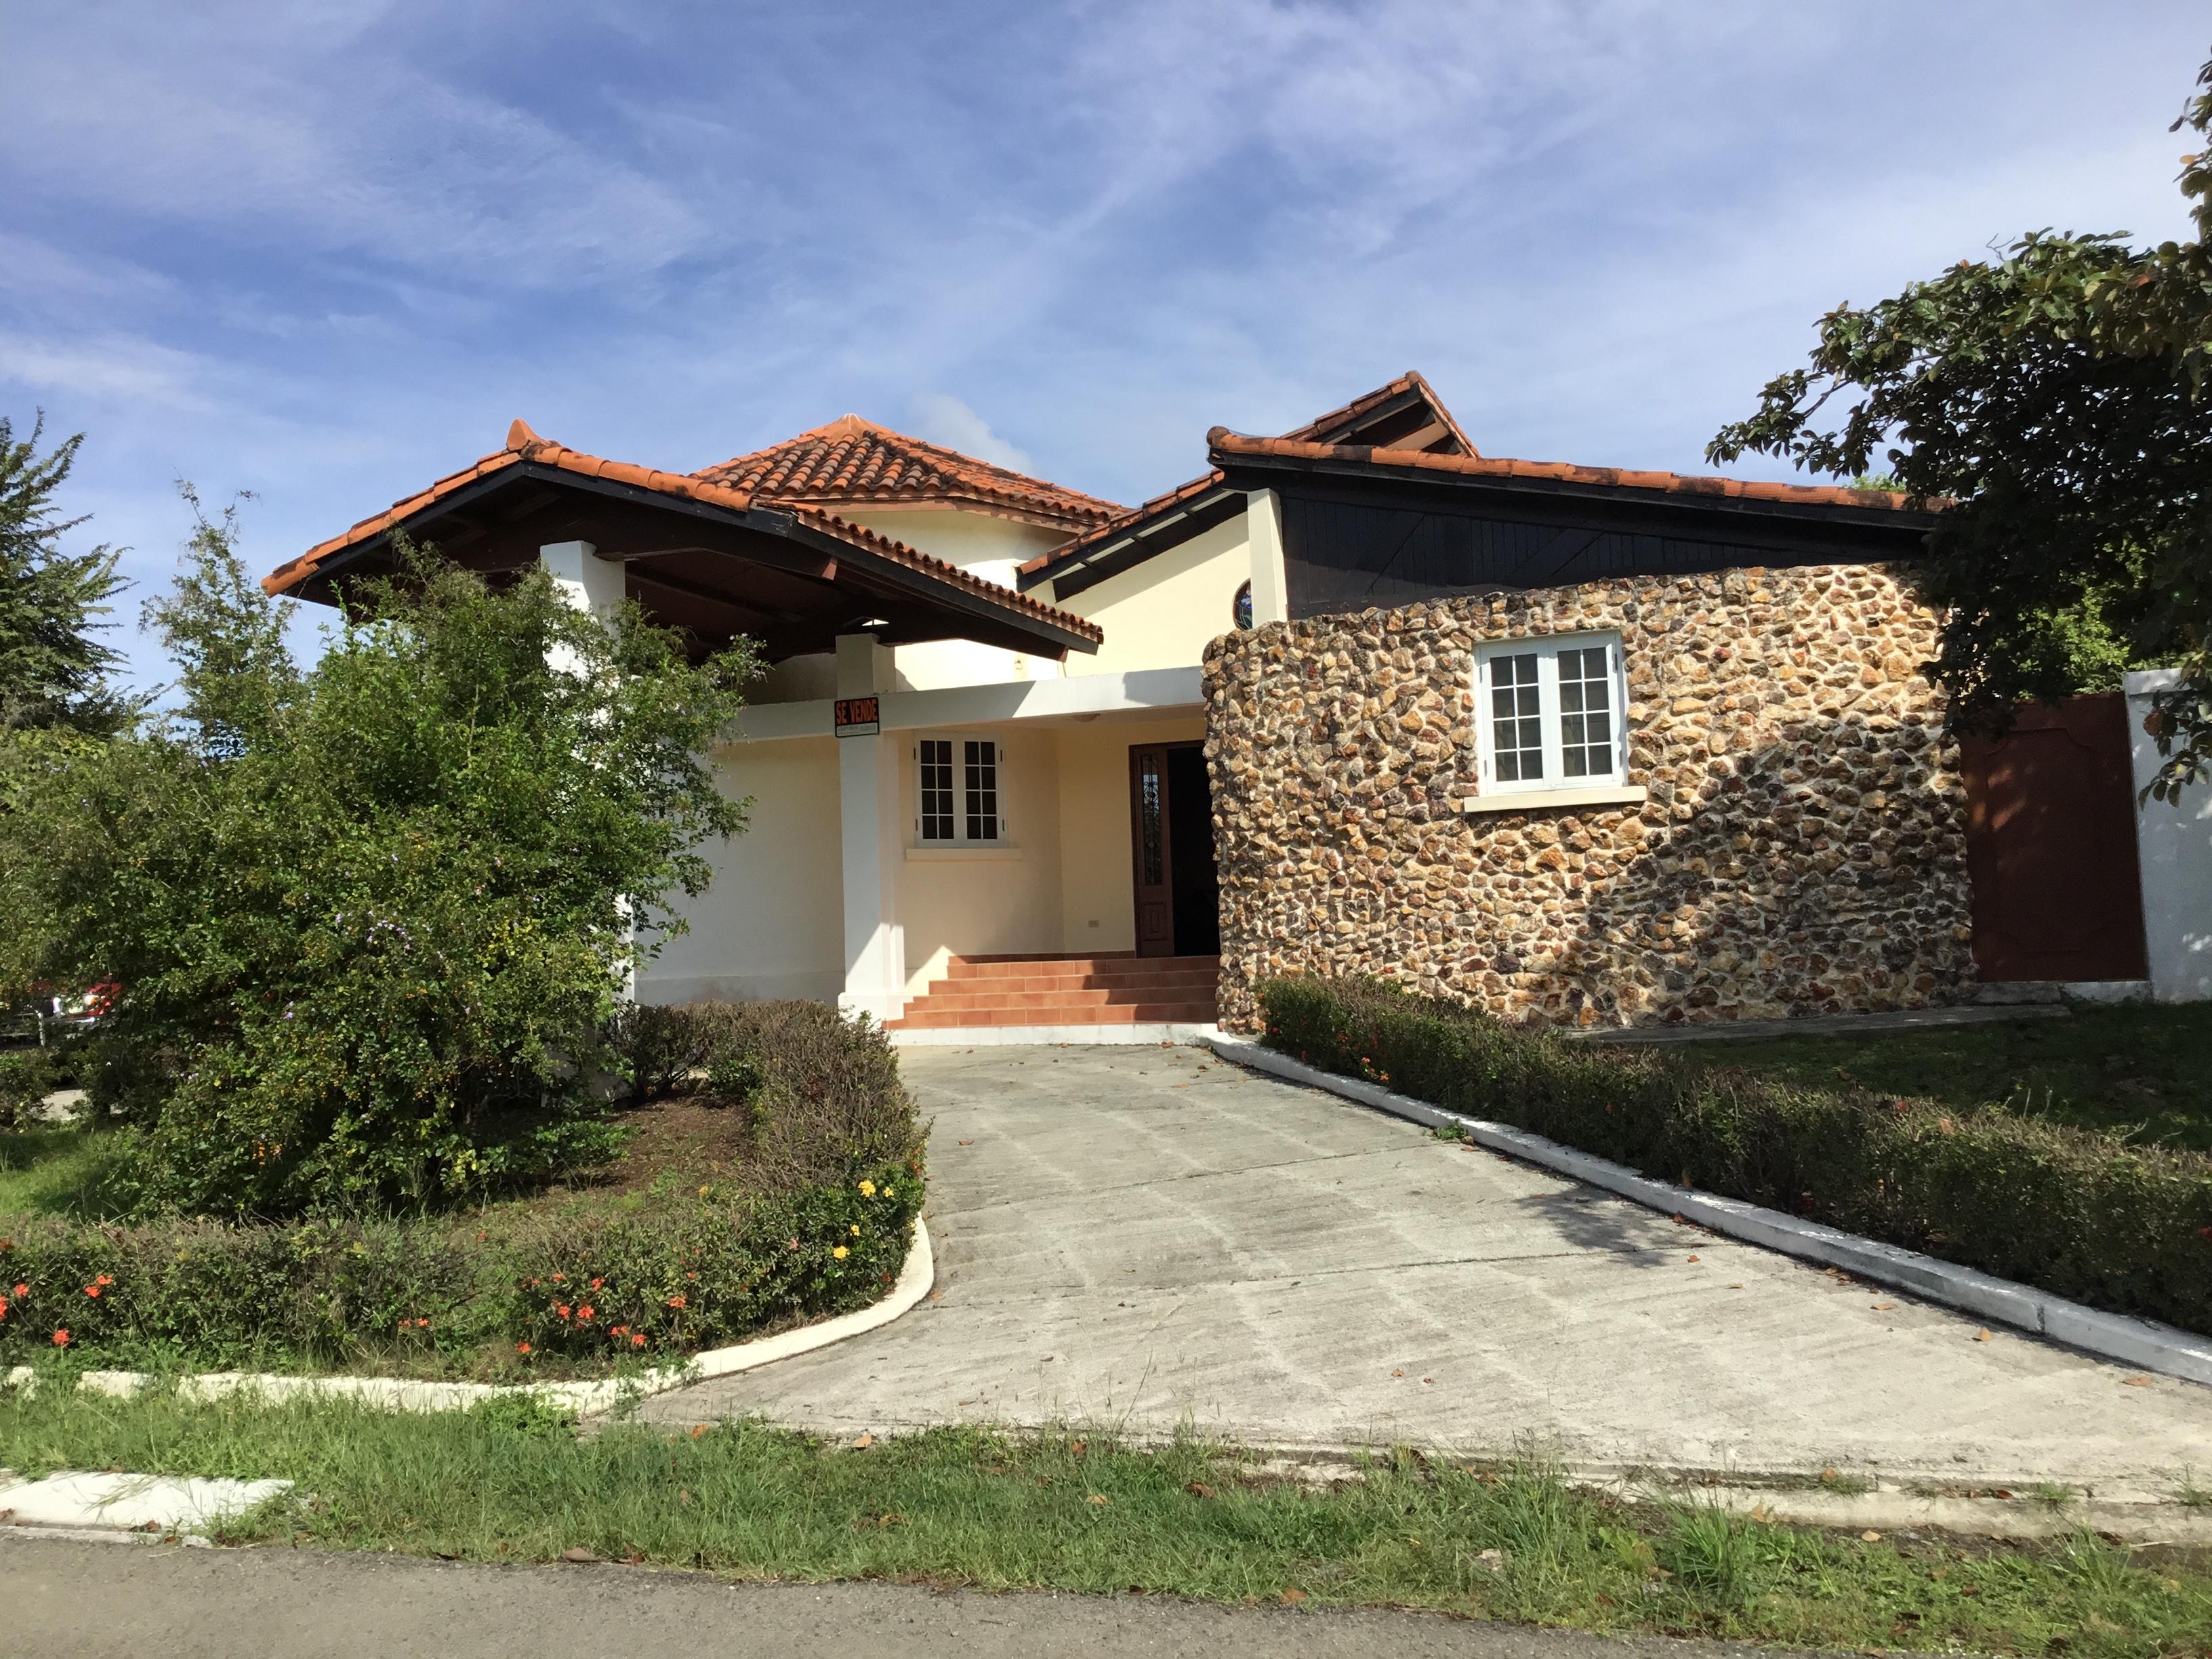 Nice, Spacious Home in Coronado